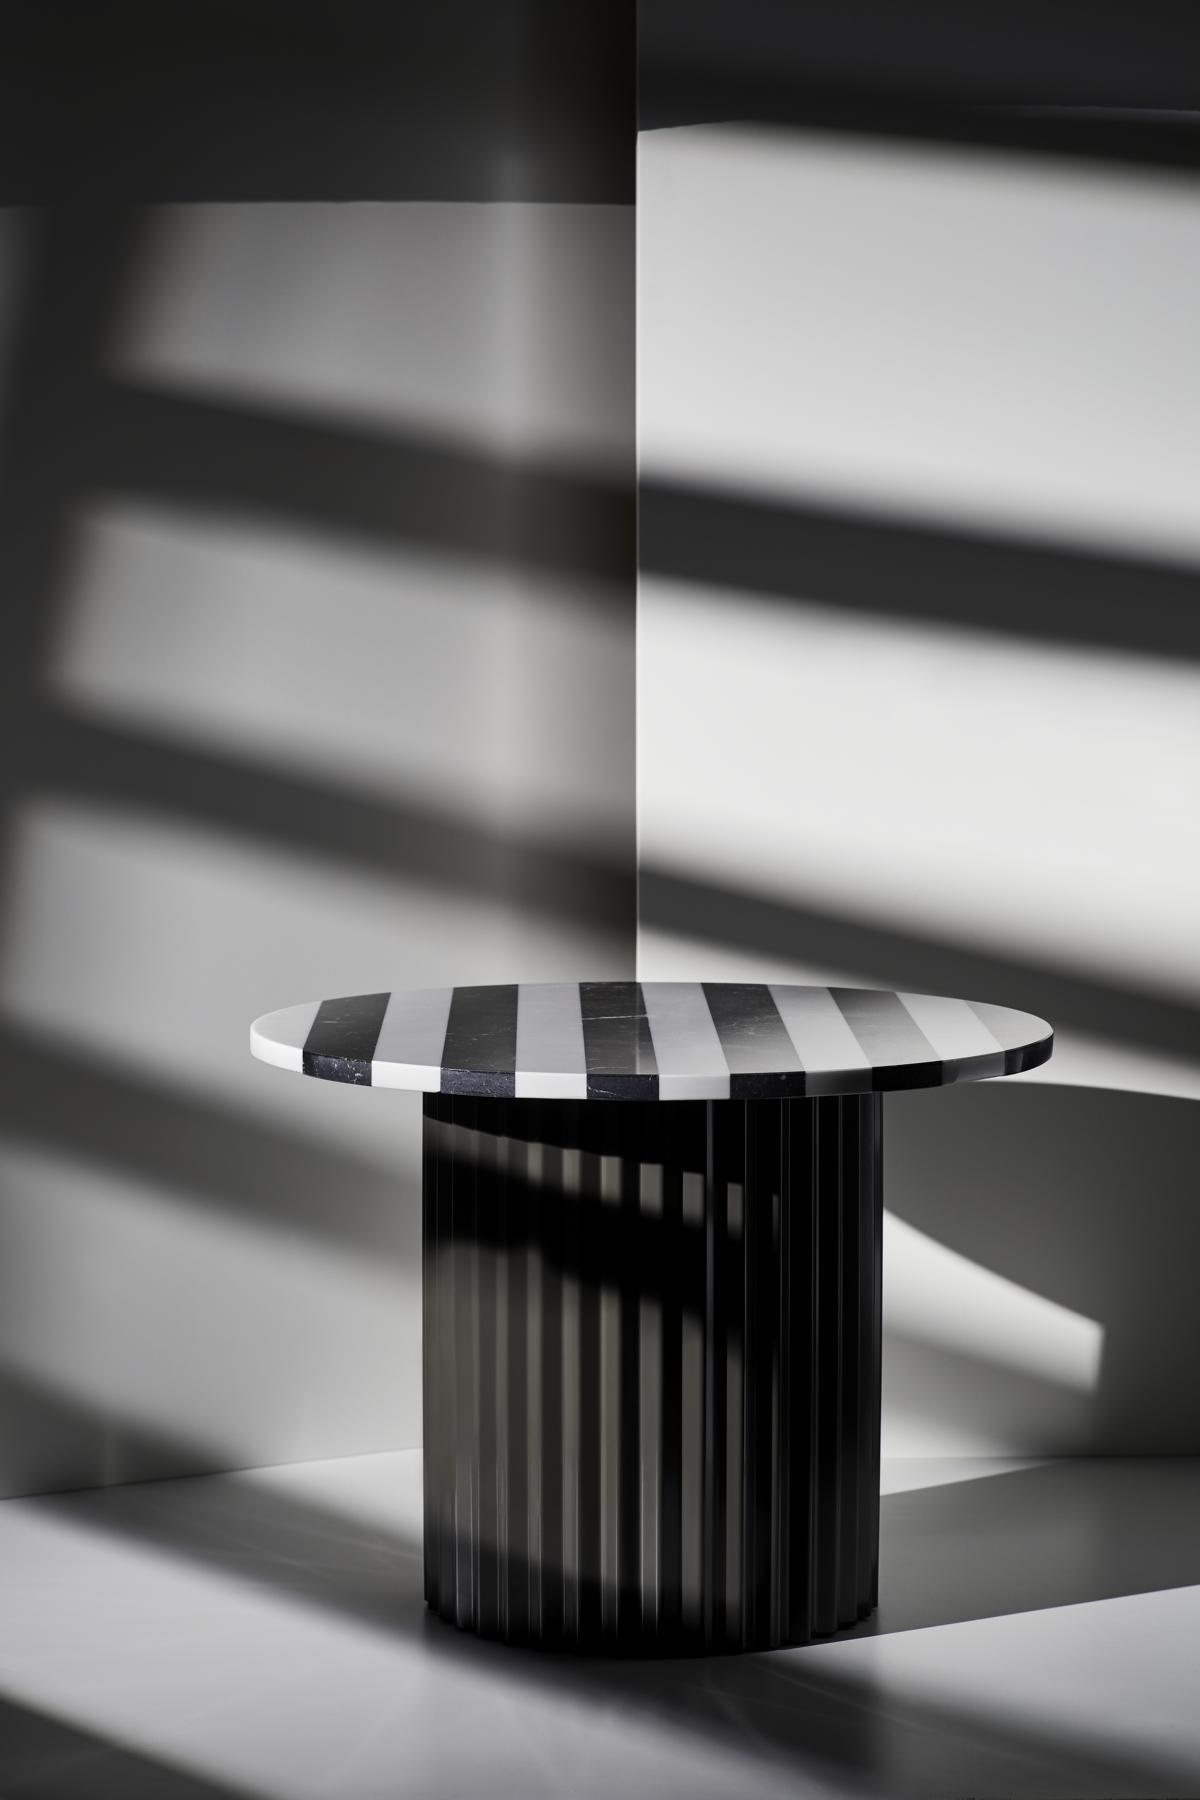 Couchtisch Column XL Black & White von Lisette Rützou